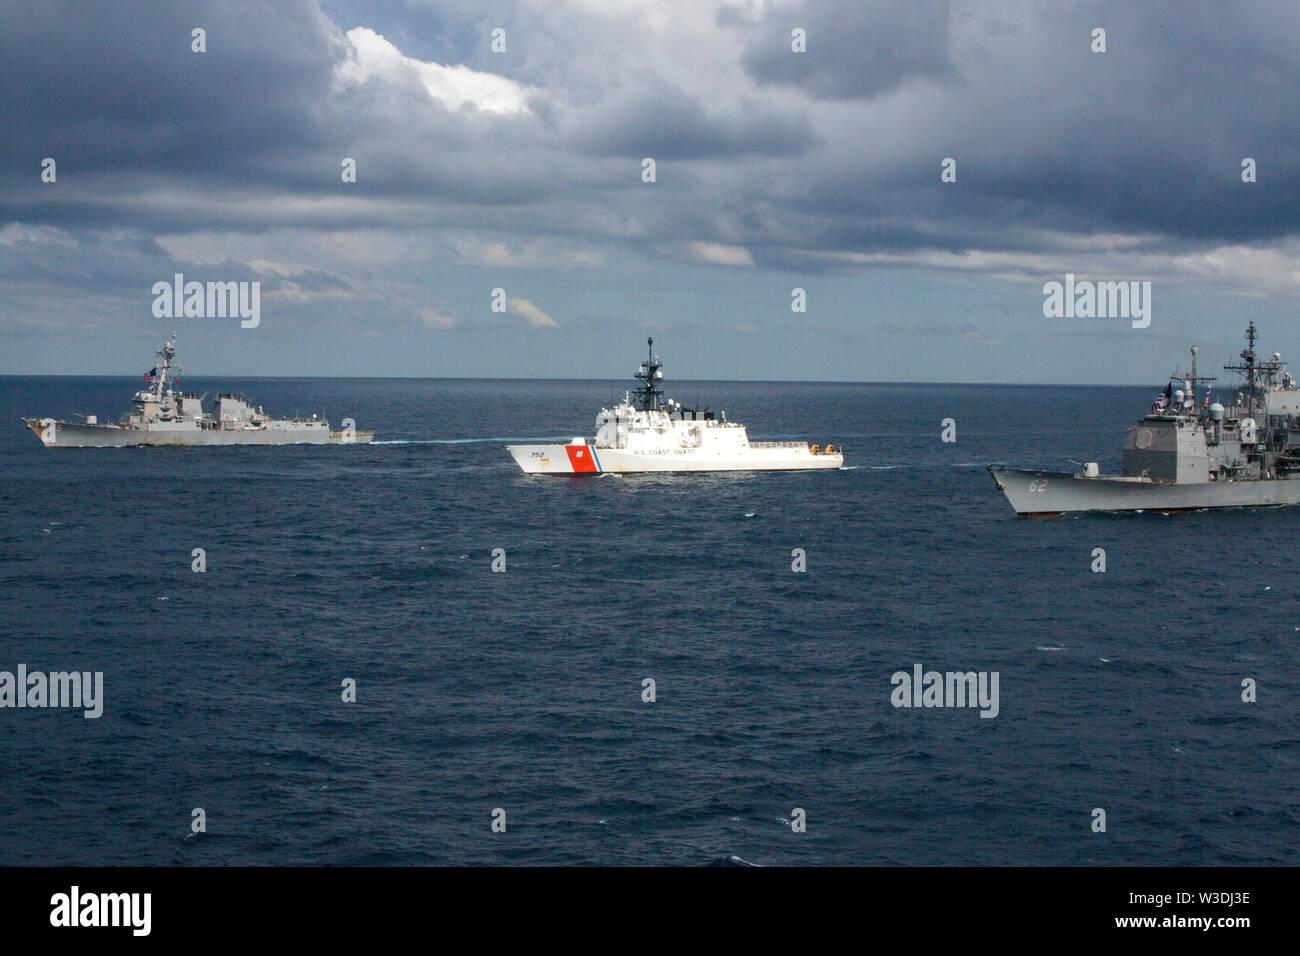 Schiffe der Expeditionary Strike Group 7 Transit durch die Tasmanische See, die sich in der Ausbildung neben den Amphibisches Schiff USS Wasp (LL 1), Juli 11, 2019 als Teil der Talisman Sabre 2019. Wasp, Flaggschiff der Wasp Expeditionary Strike Group, mit Eingeschifft 31 MEU, nimmt derzeit an Talisman Sabre 2019 vor der Küste im Norden von Australien. Eine bilaterale, Biennale, Talisman Sabre ist für US-amerikanische und australische Combat Training, Bereitschaft und Interoperabilität durch realistische, einschlägige Ausbildung notwendigen regionalen Sicherheit, Frieden und Stabilität zu verbessern. (U.S. Marine Cor Stockbild